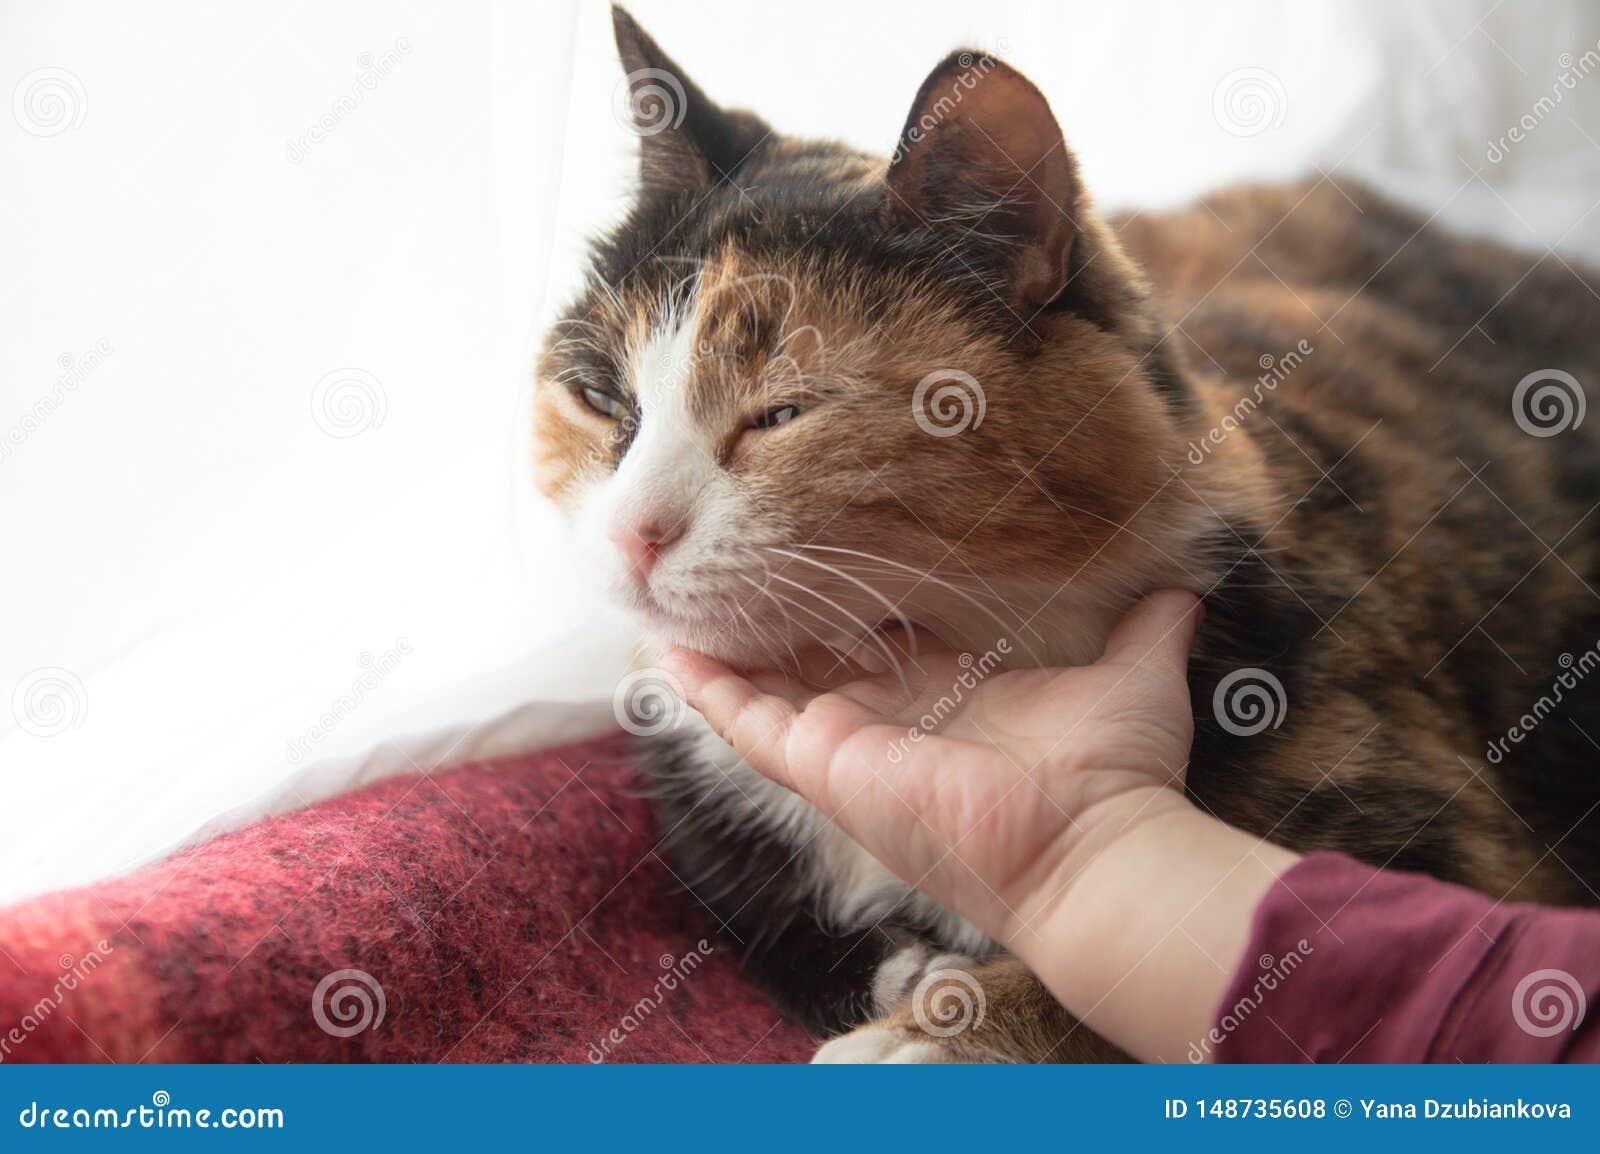 Младенец petting кот Ходы и касания руки детей кот спать Любимцы